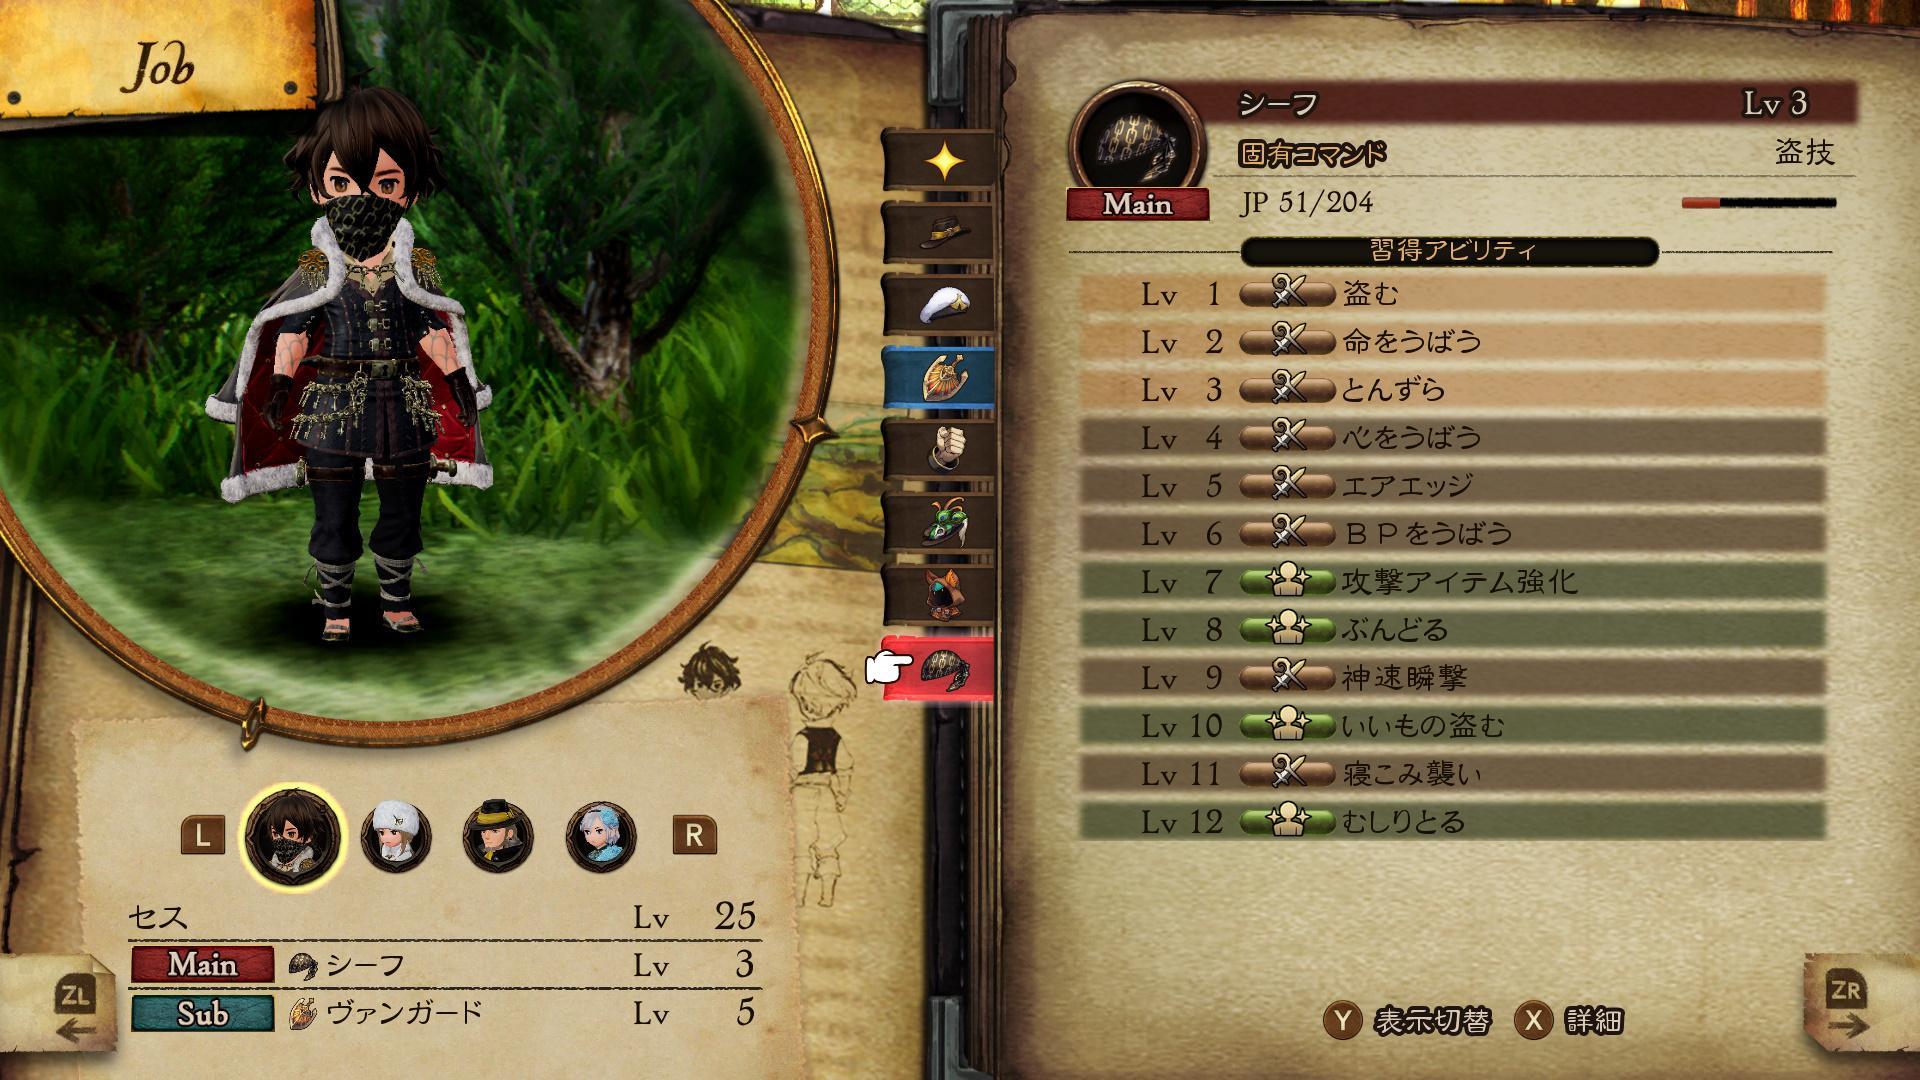 《勇气默示录2》最新情报公开 主角信息与战斗系统介绍